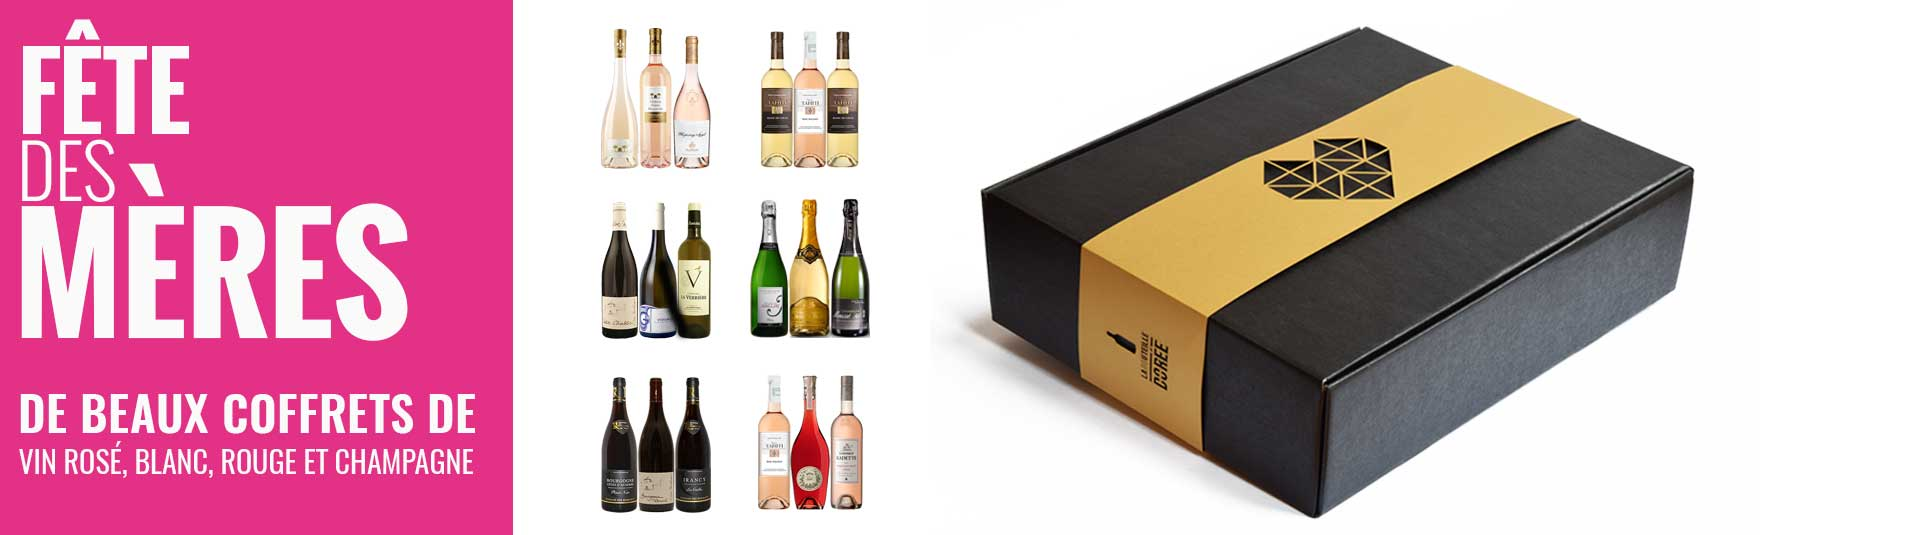 Cadeaux vins Fête des Mères